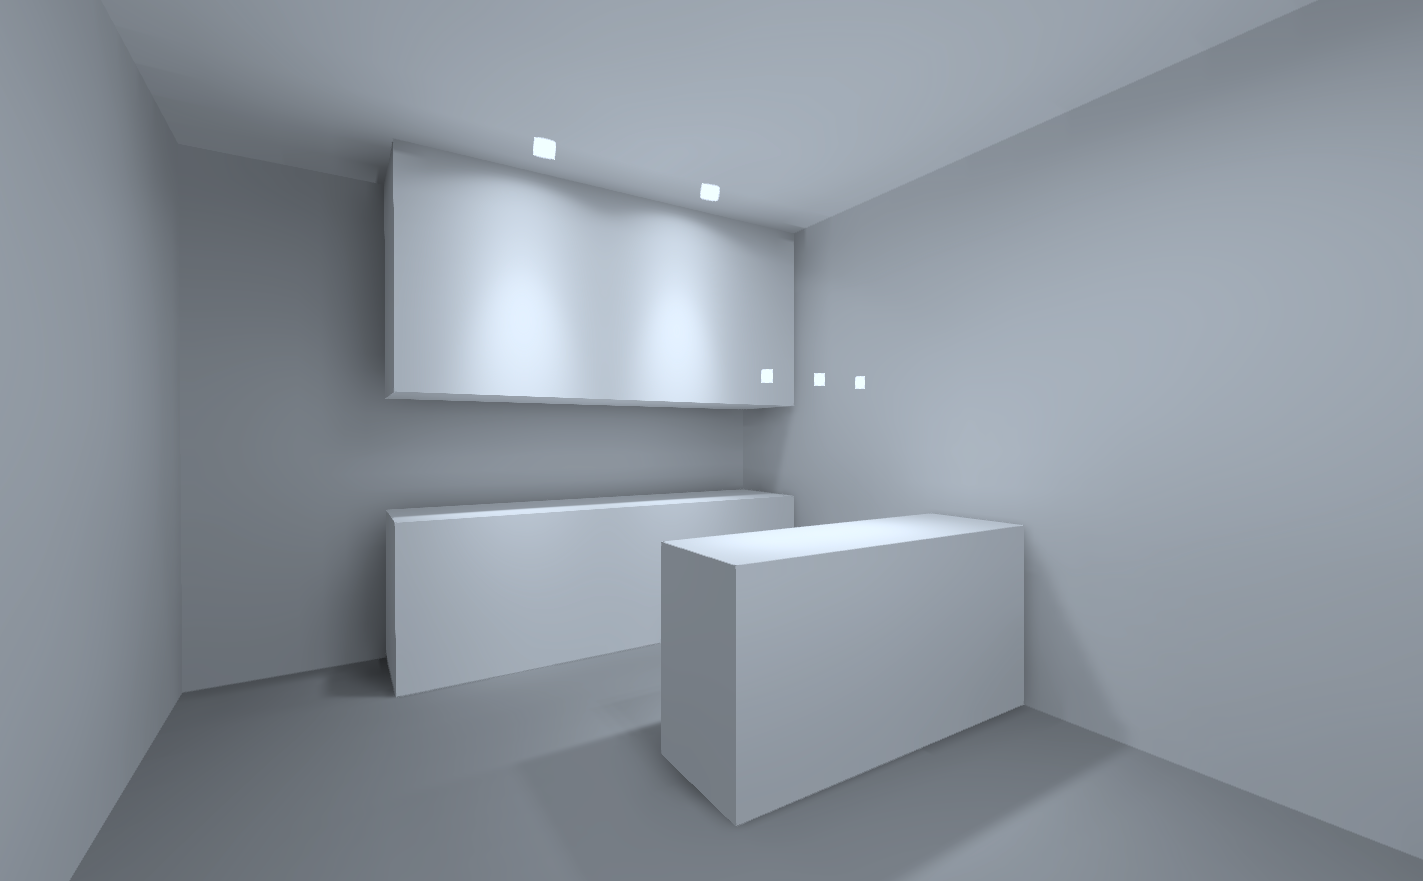 Визуализация освещения на кухне